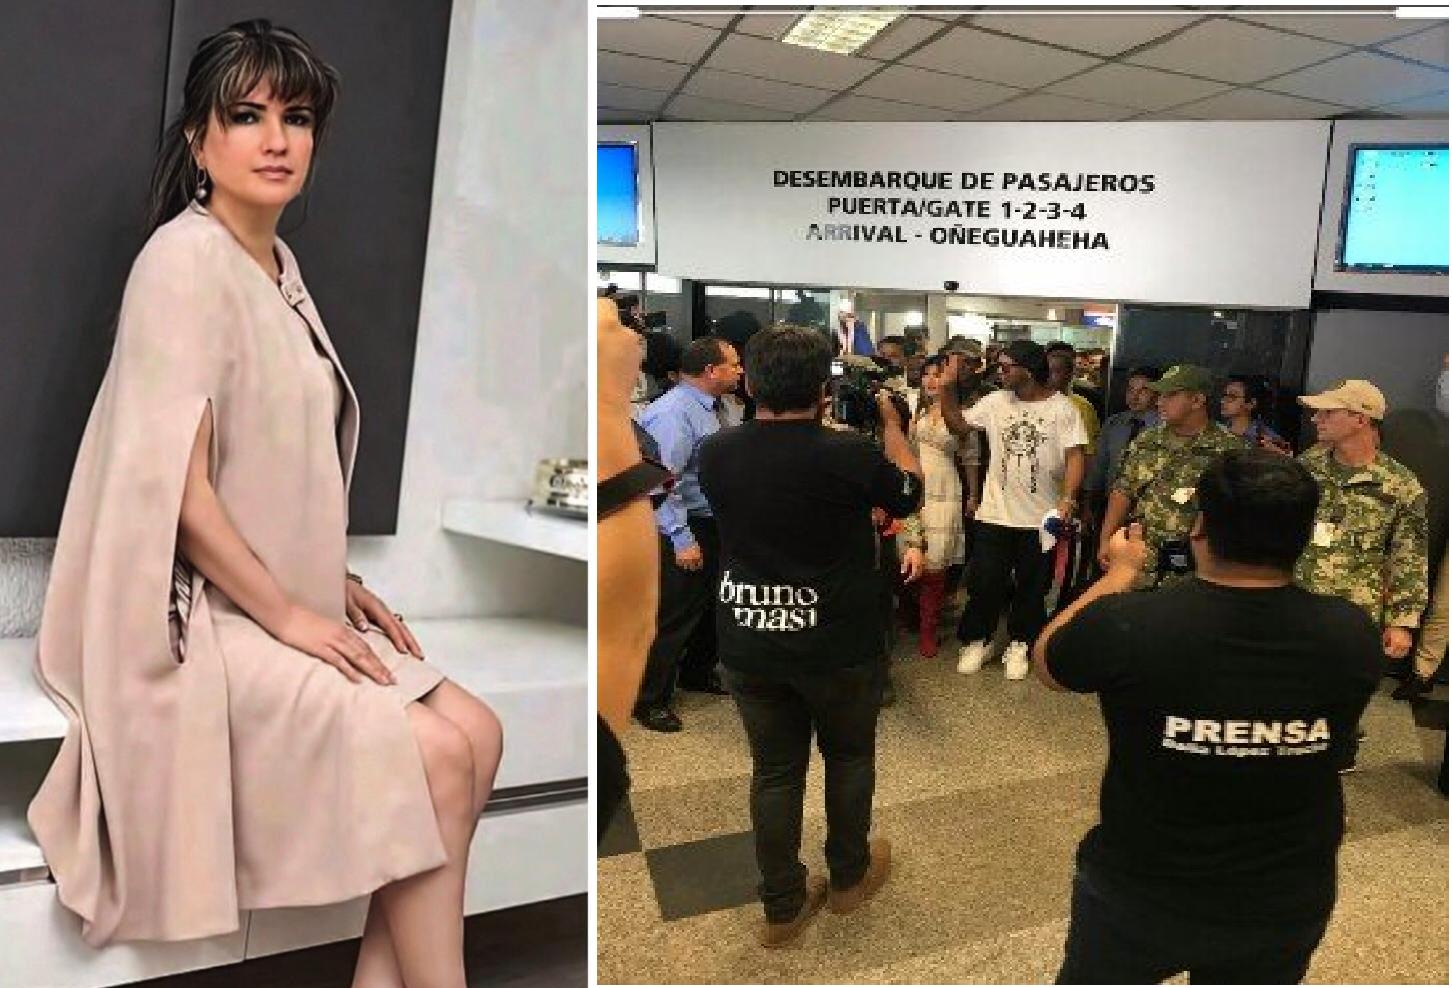 Dalia antes del escándalo. Posando su elegancia y el día que recibió a Ronaldinho en el aeropuerto.